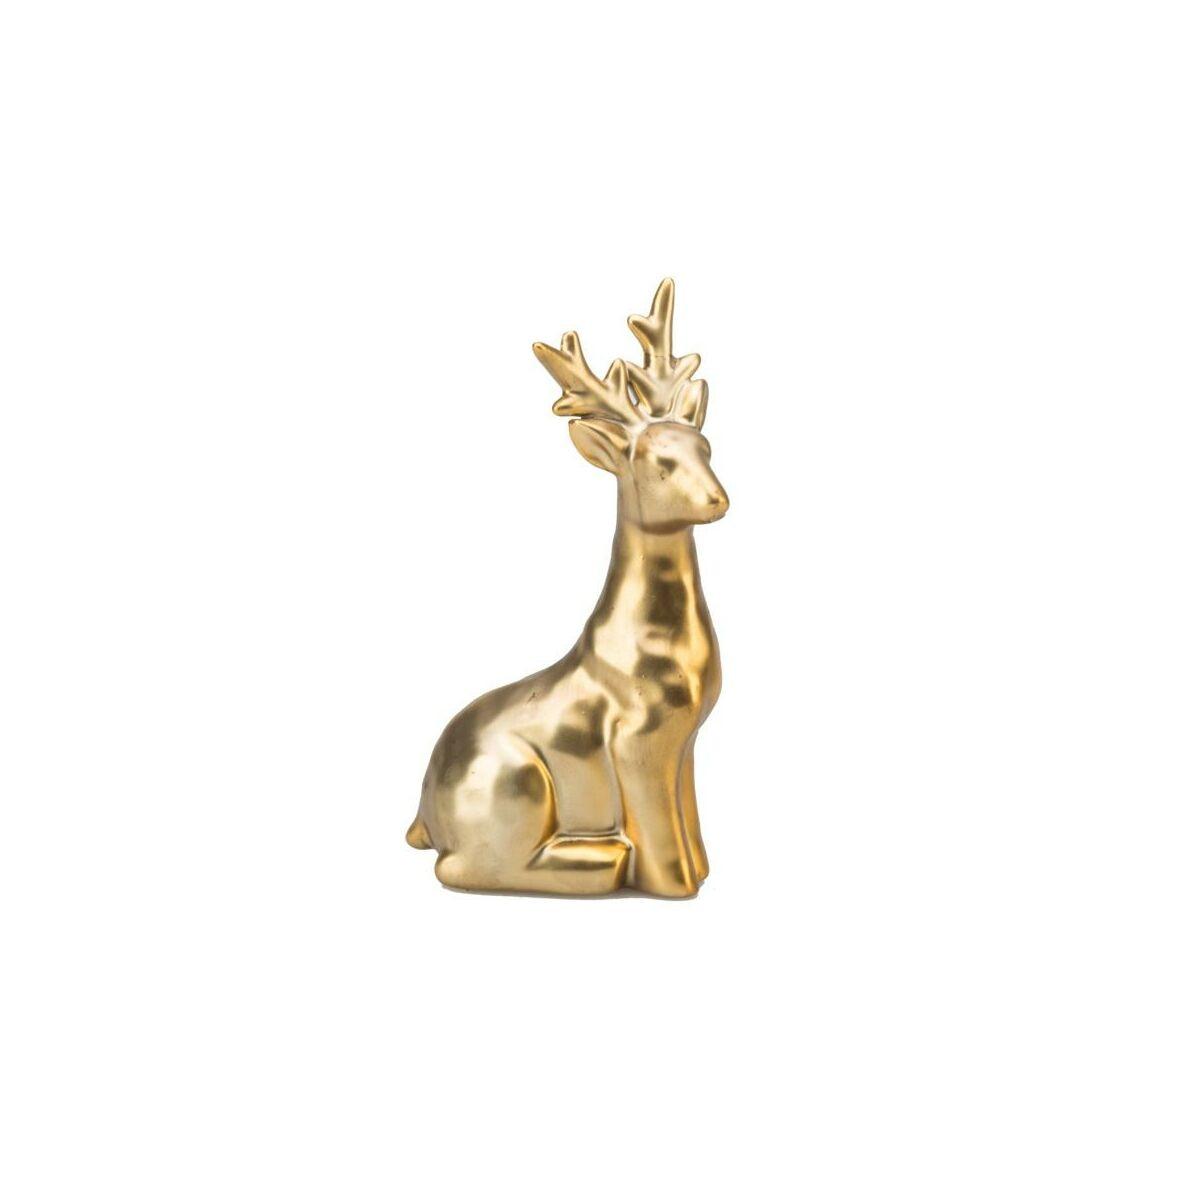 Klatka Metalowa 37 Cm Srebrna Swieczniki I Dekoracje Swiateczne W Atrakcyjnej Cenie W Sklepach Leroy Merlin